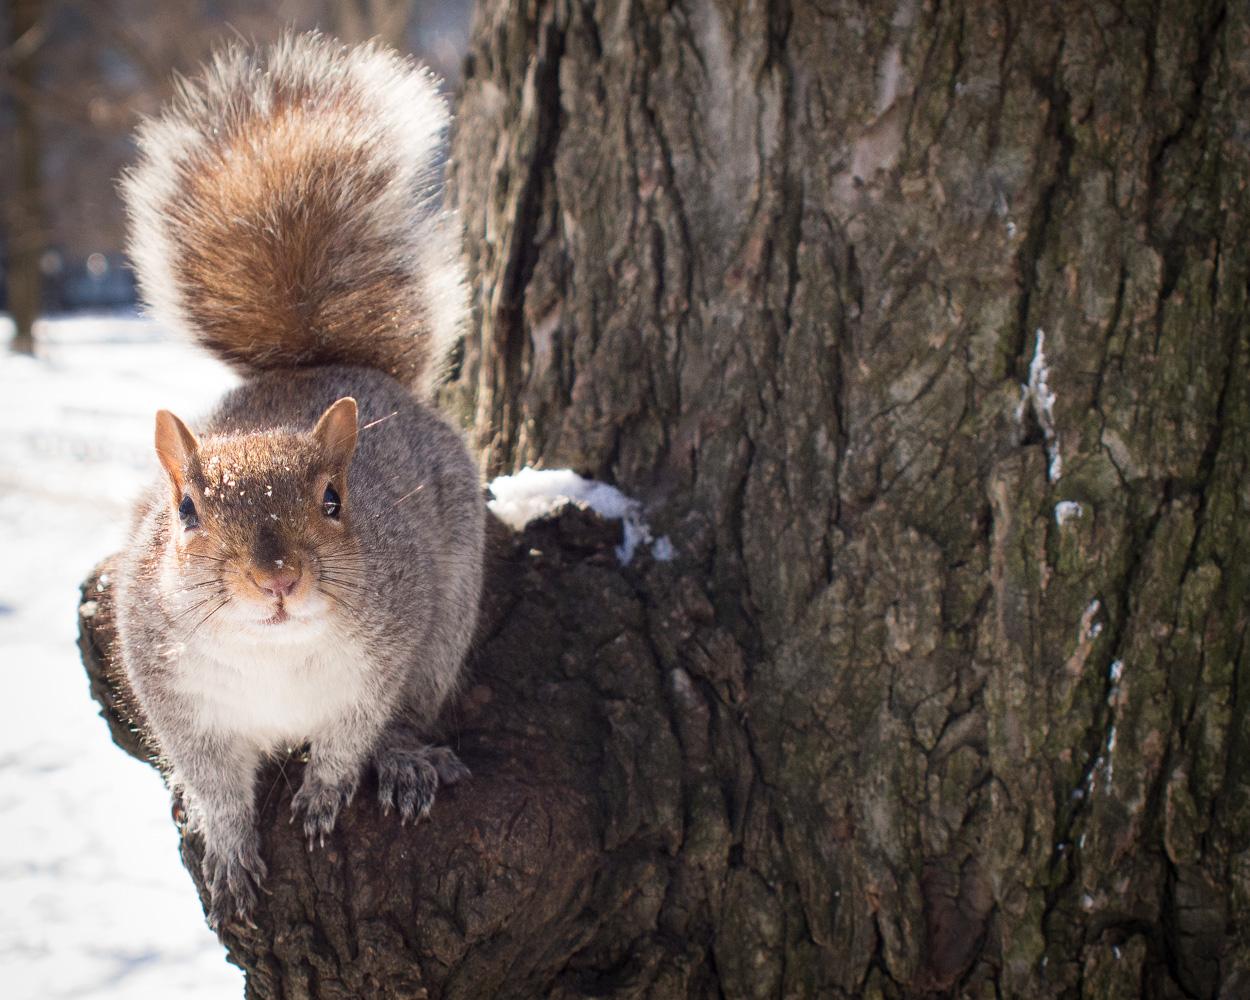 squirrel_winter_nyc